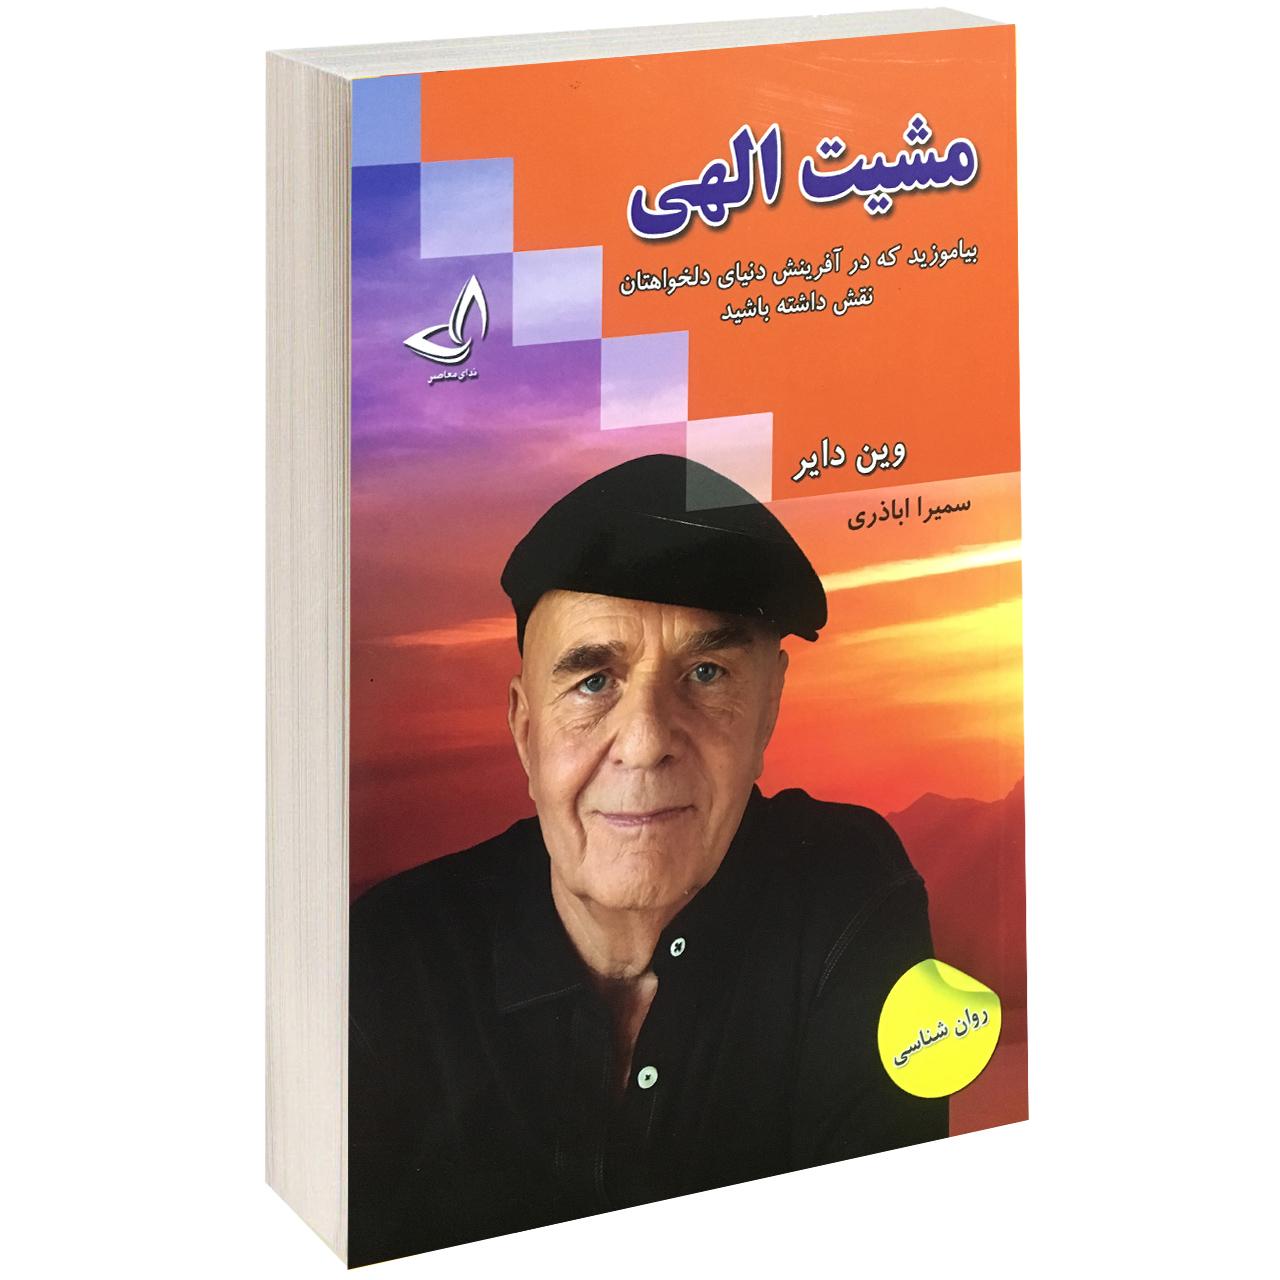 خرید                      کتاب مشیت الهی اثر وین دایر نشر ندای معاصر